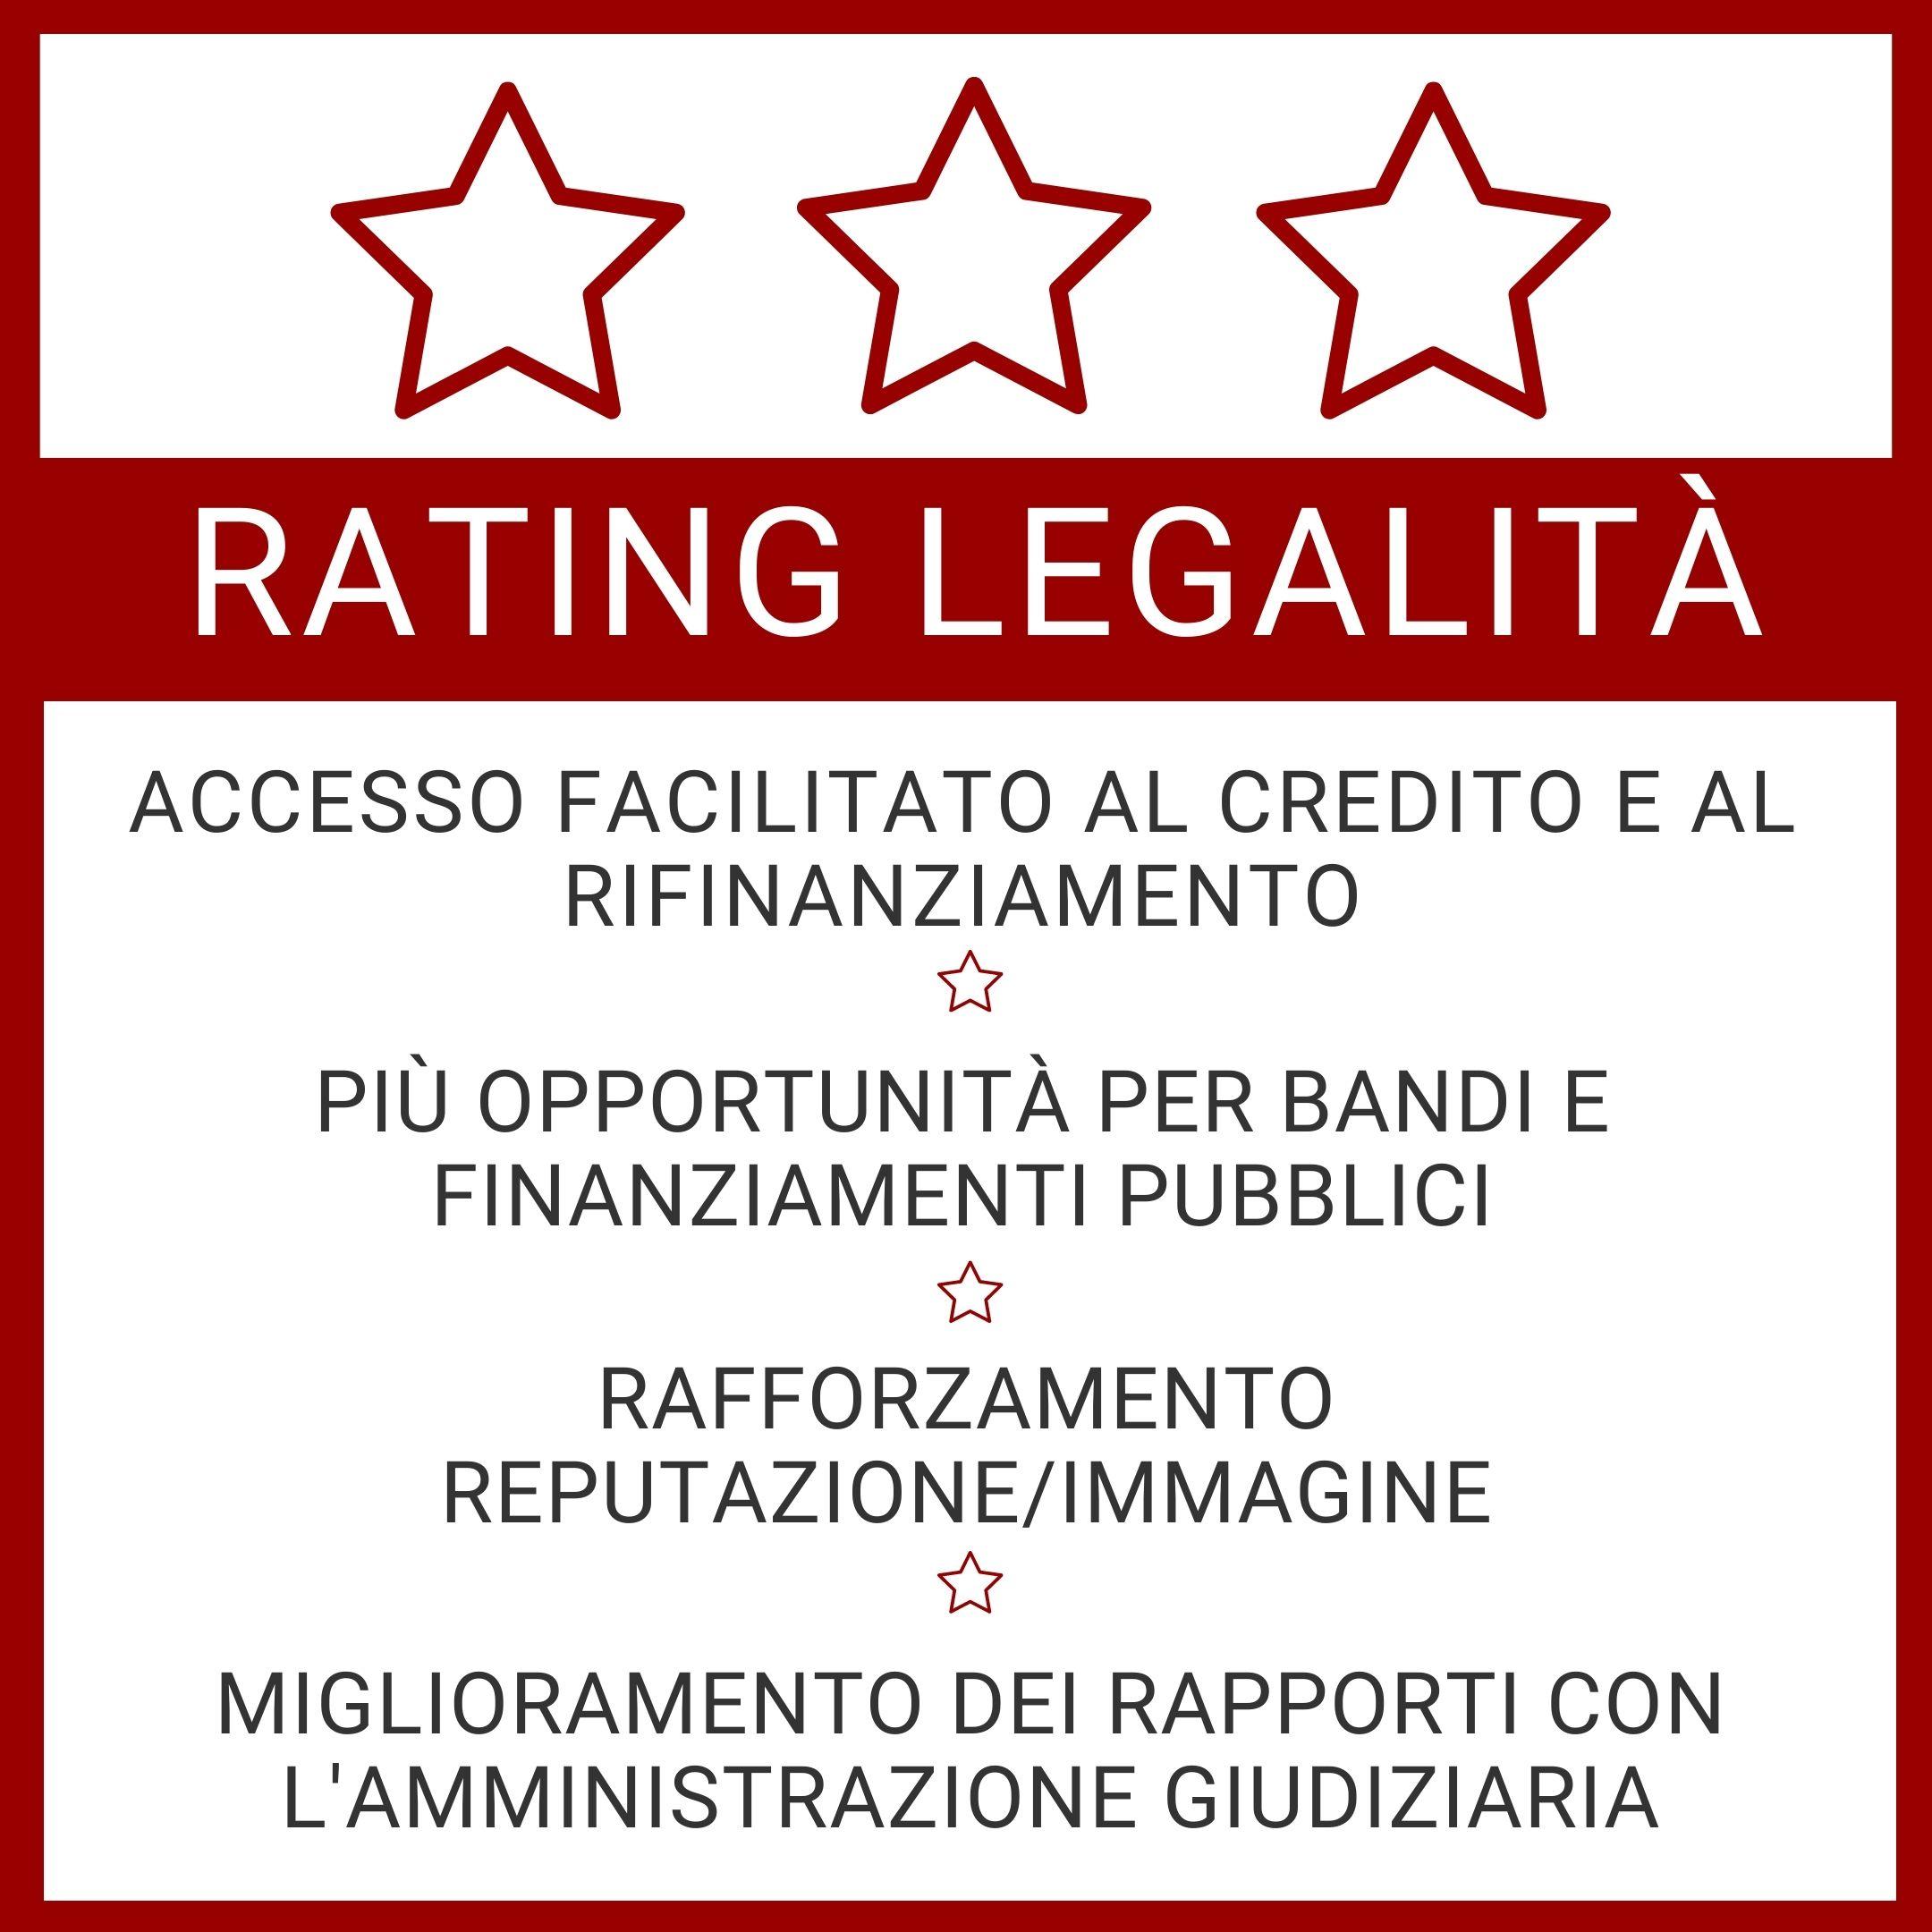 RATING DI LEGALITÀ, OPPORTUNITÀ PER LE AZIENDE DEL SETTORE PETROLIFERO/ENERGETICO